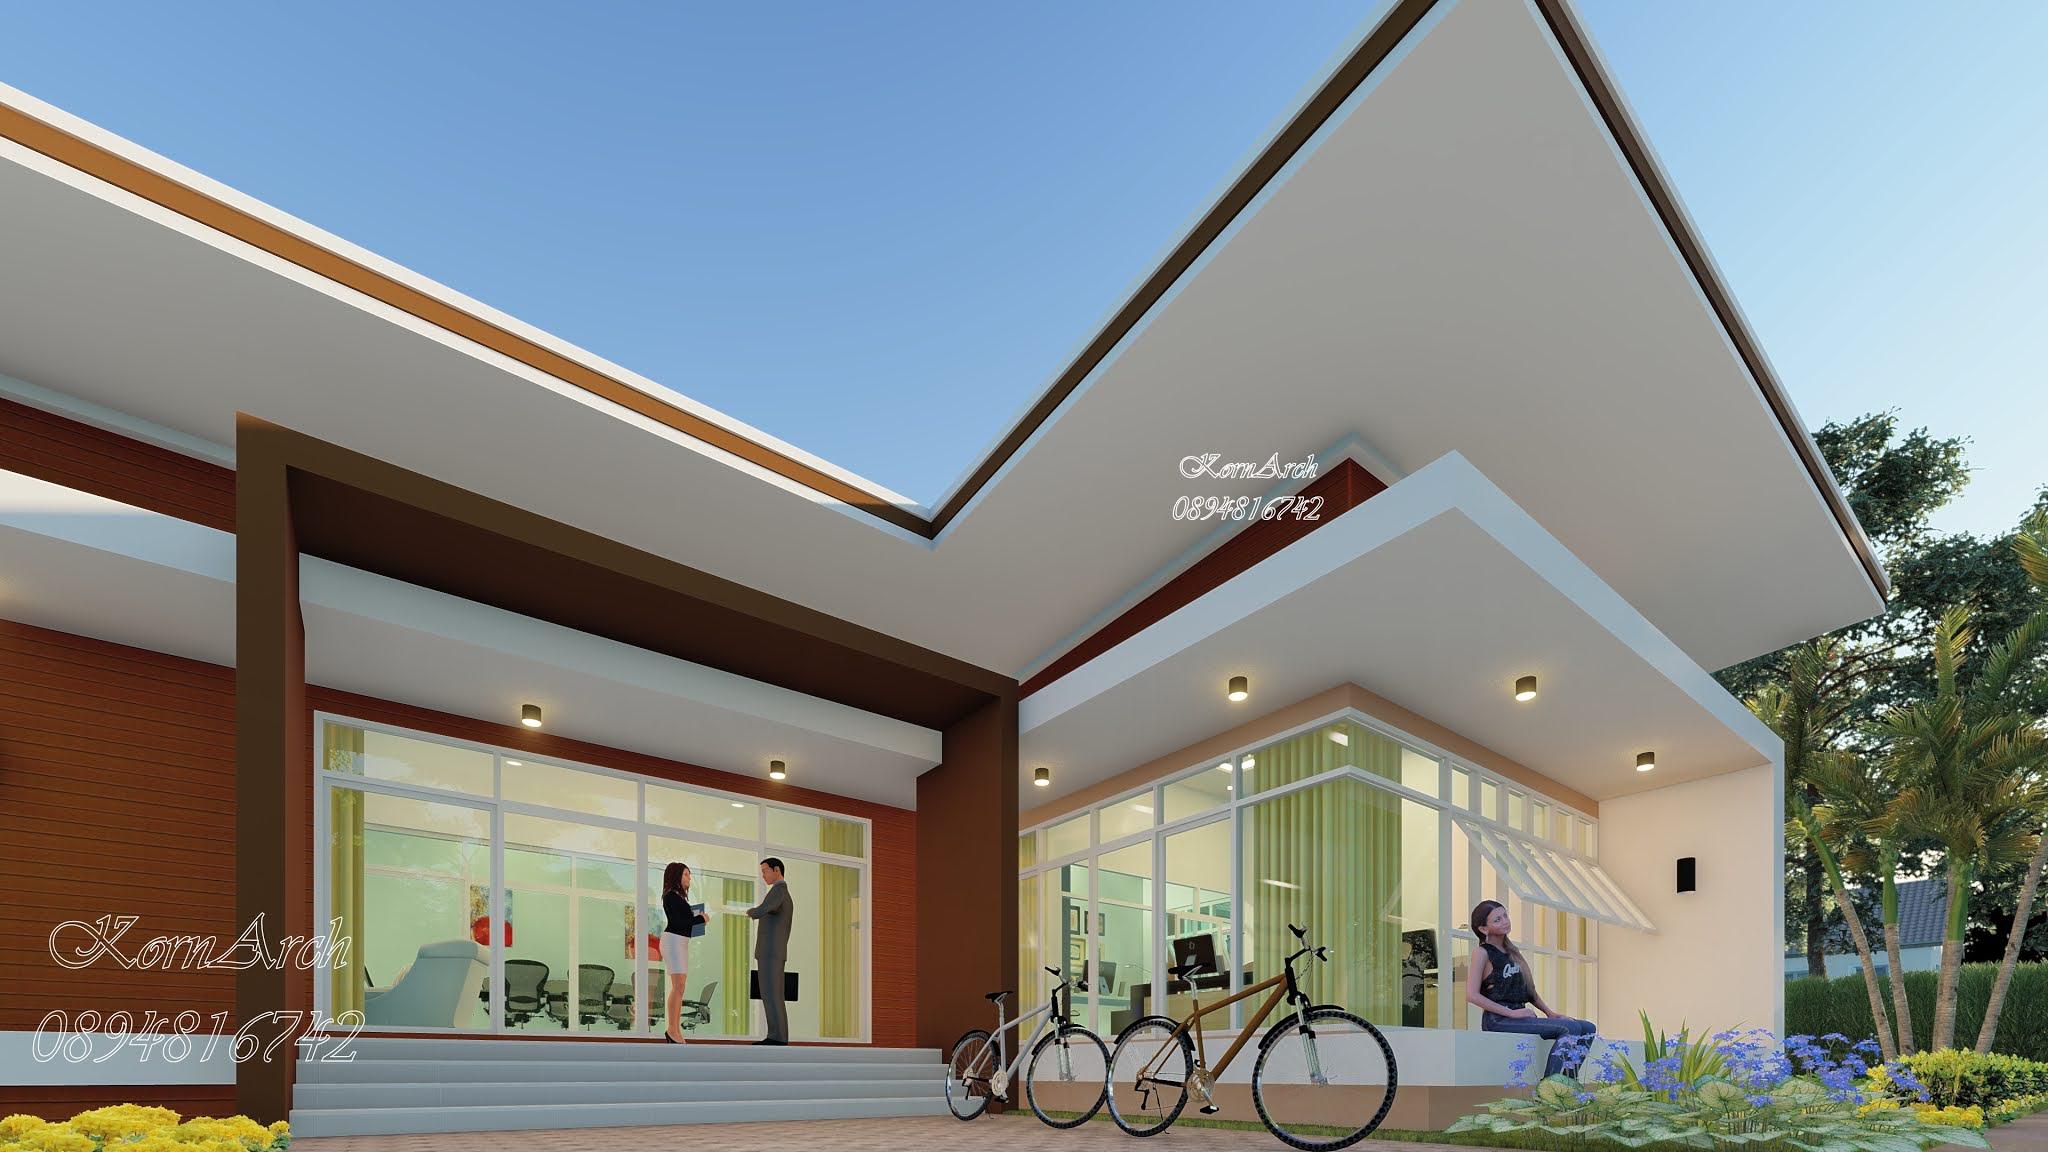 รับออกแบบออฟฟิศชั้นเดียว เจ้าของอาคาร KONNER CORPORATION CO.,LTD. สถานที่ก่อสร้าง บางพลี สมุทรปราการ